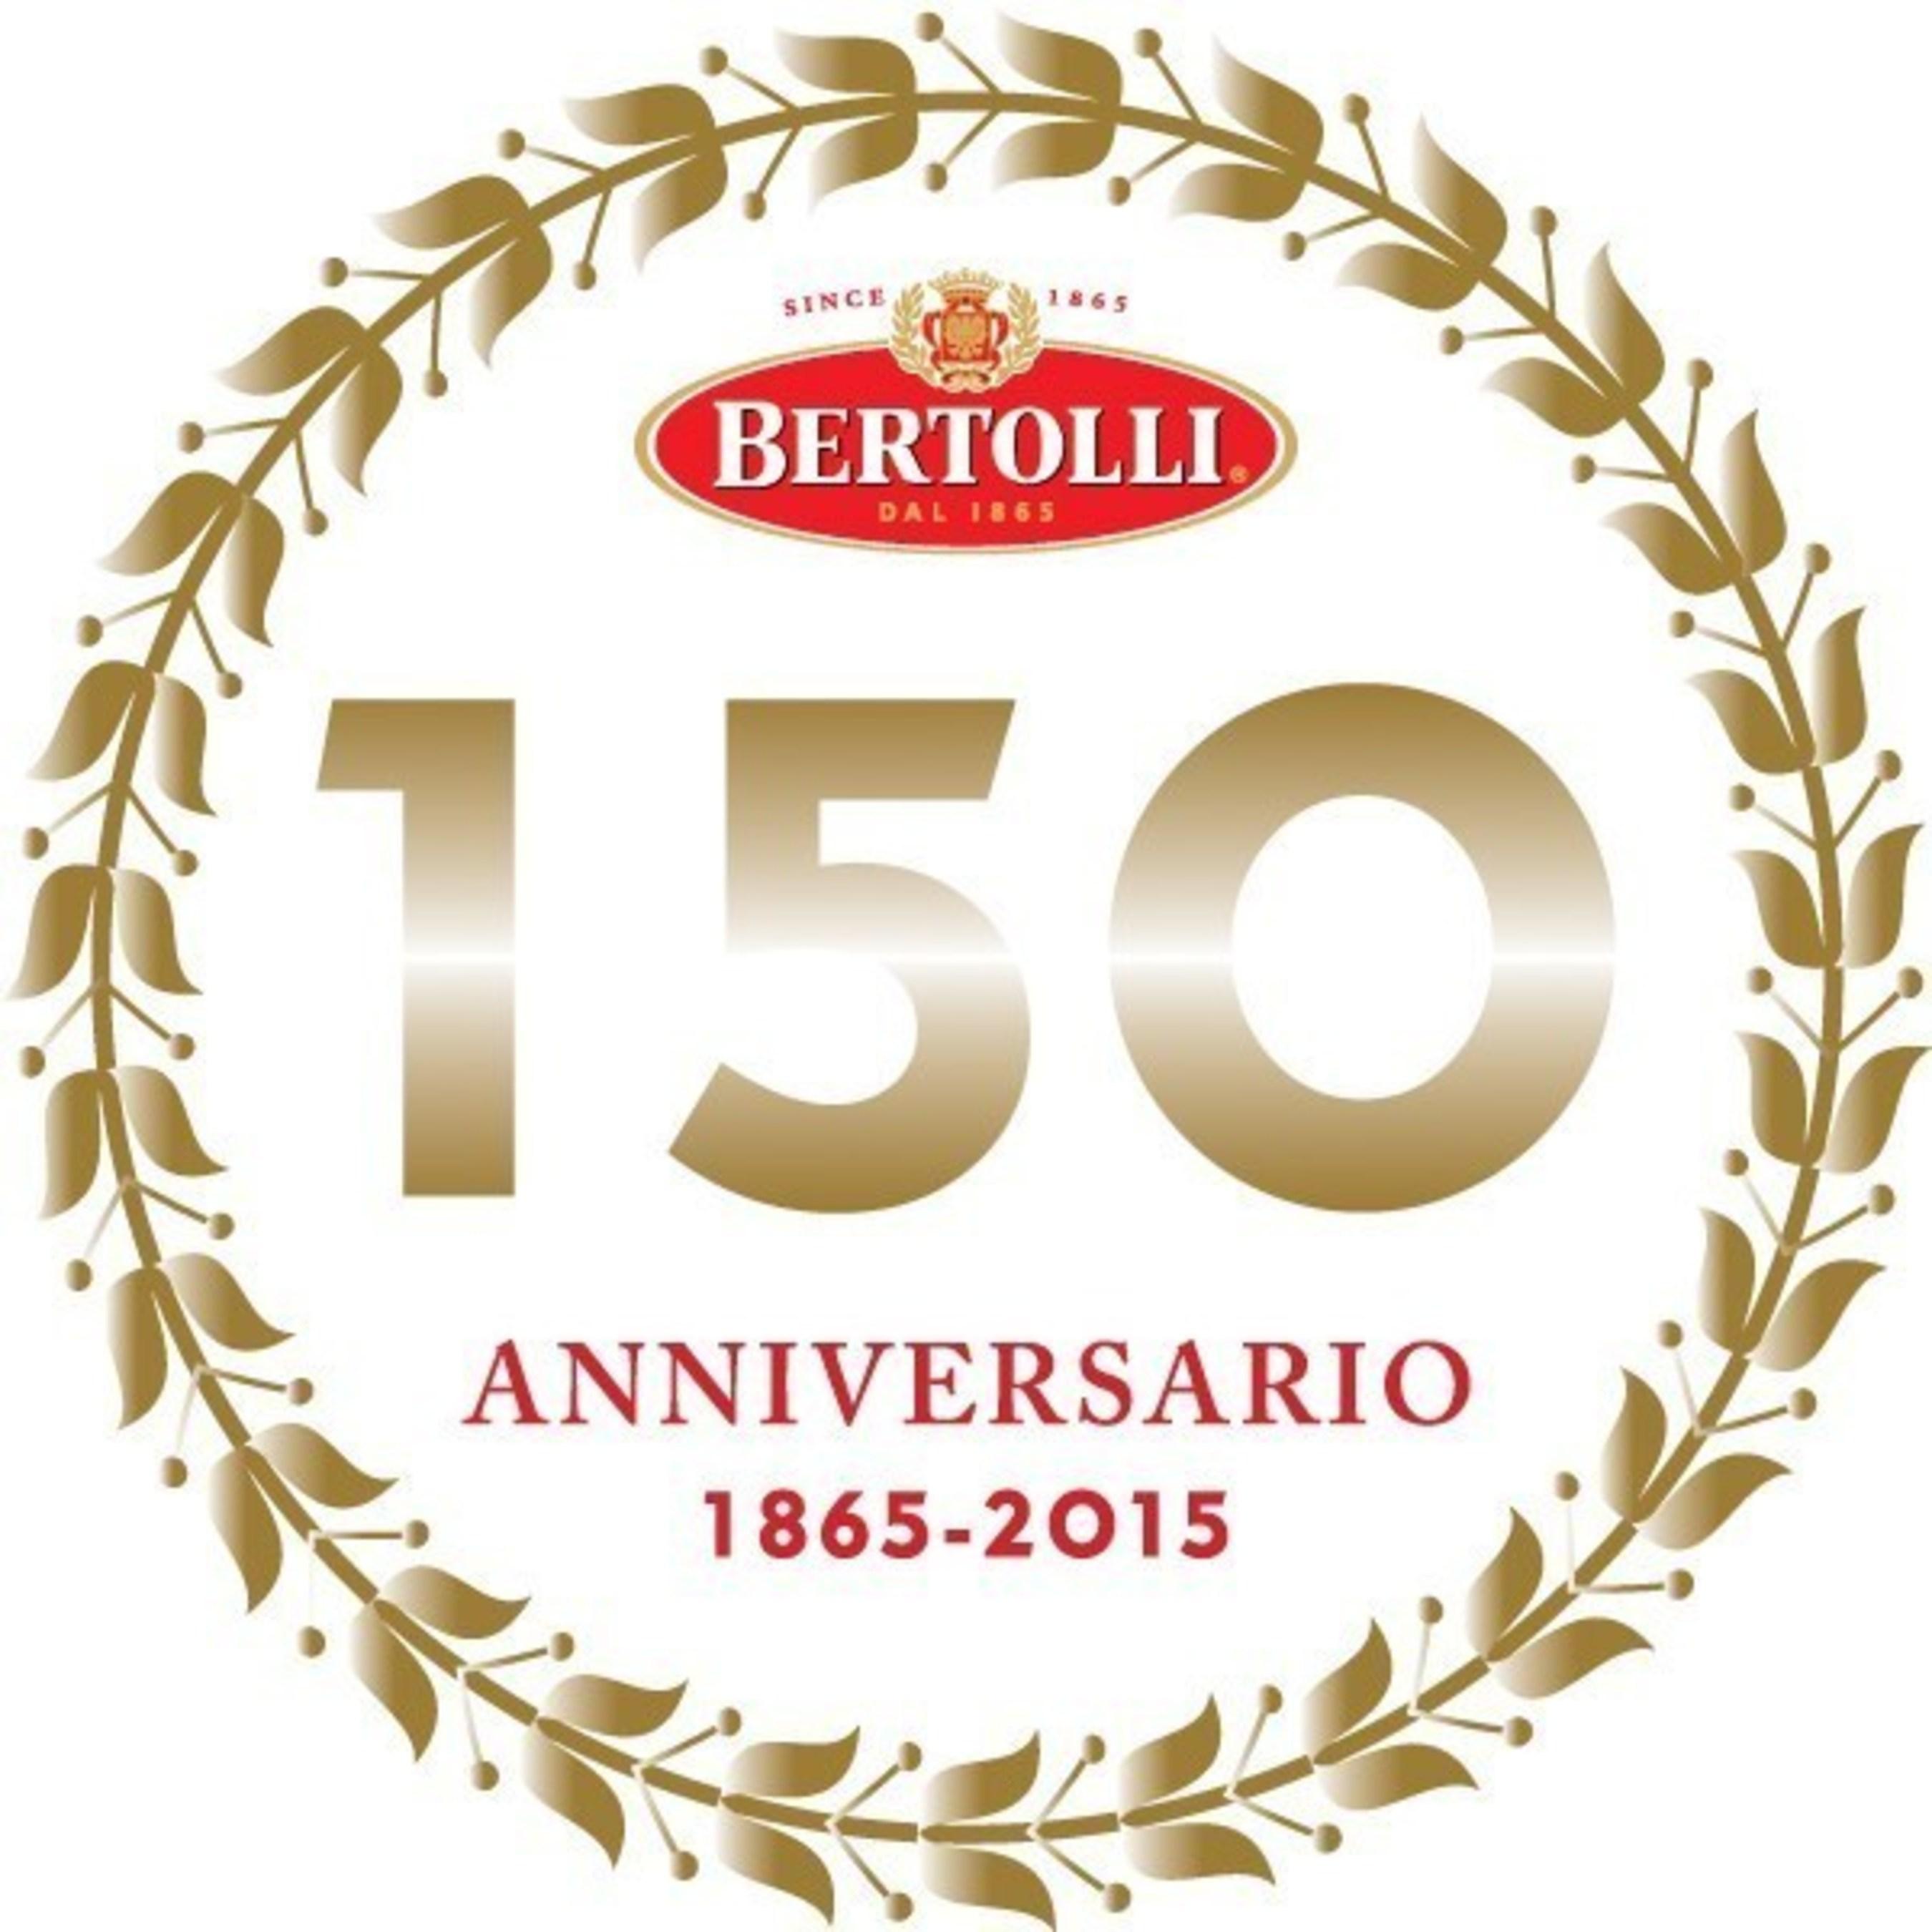 Bertolli 150th Anniversary